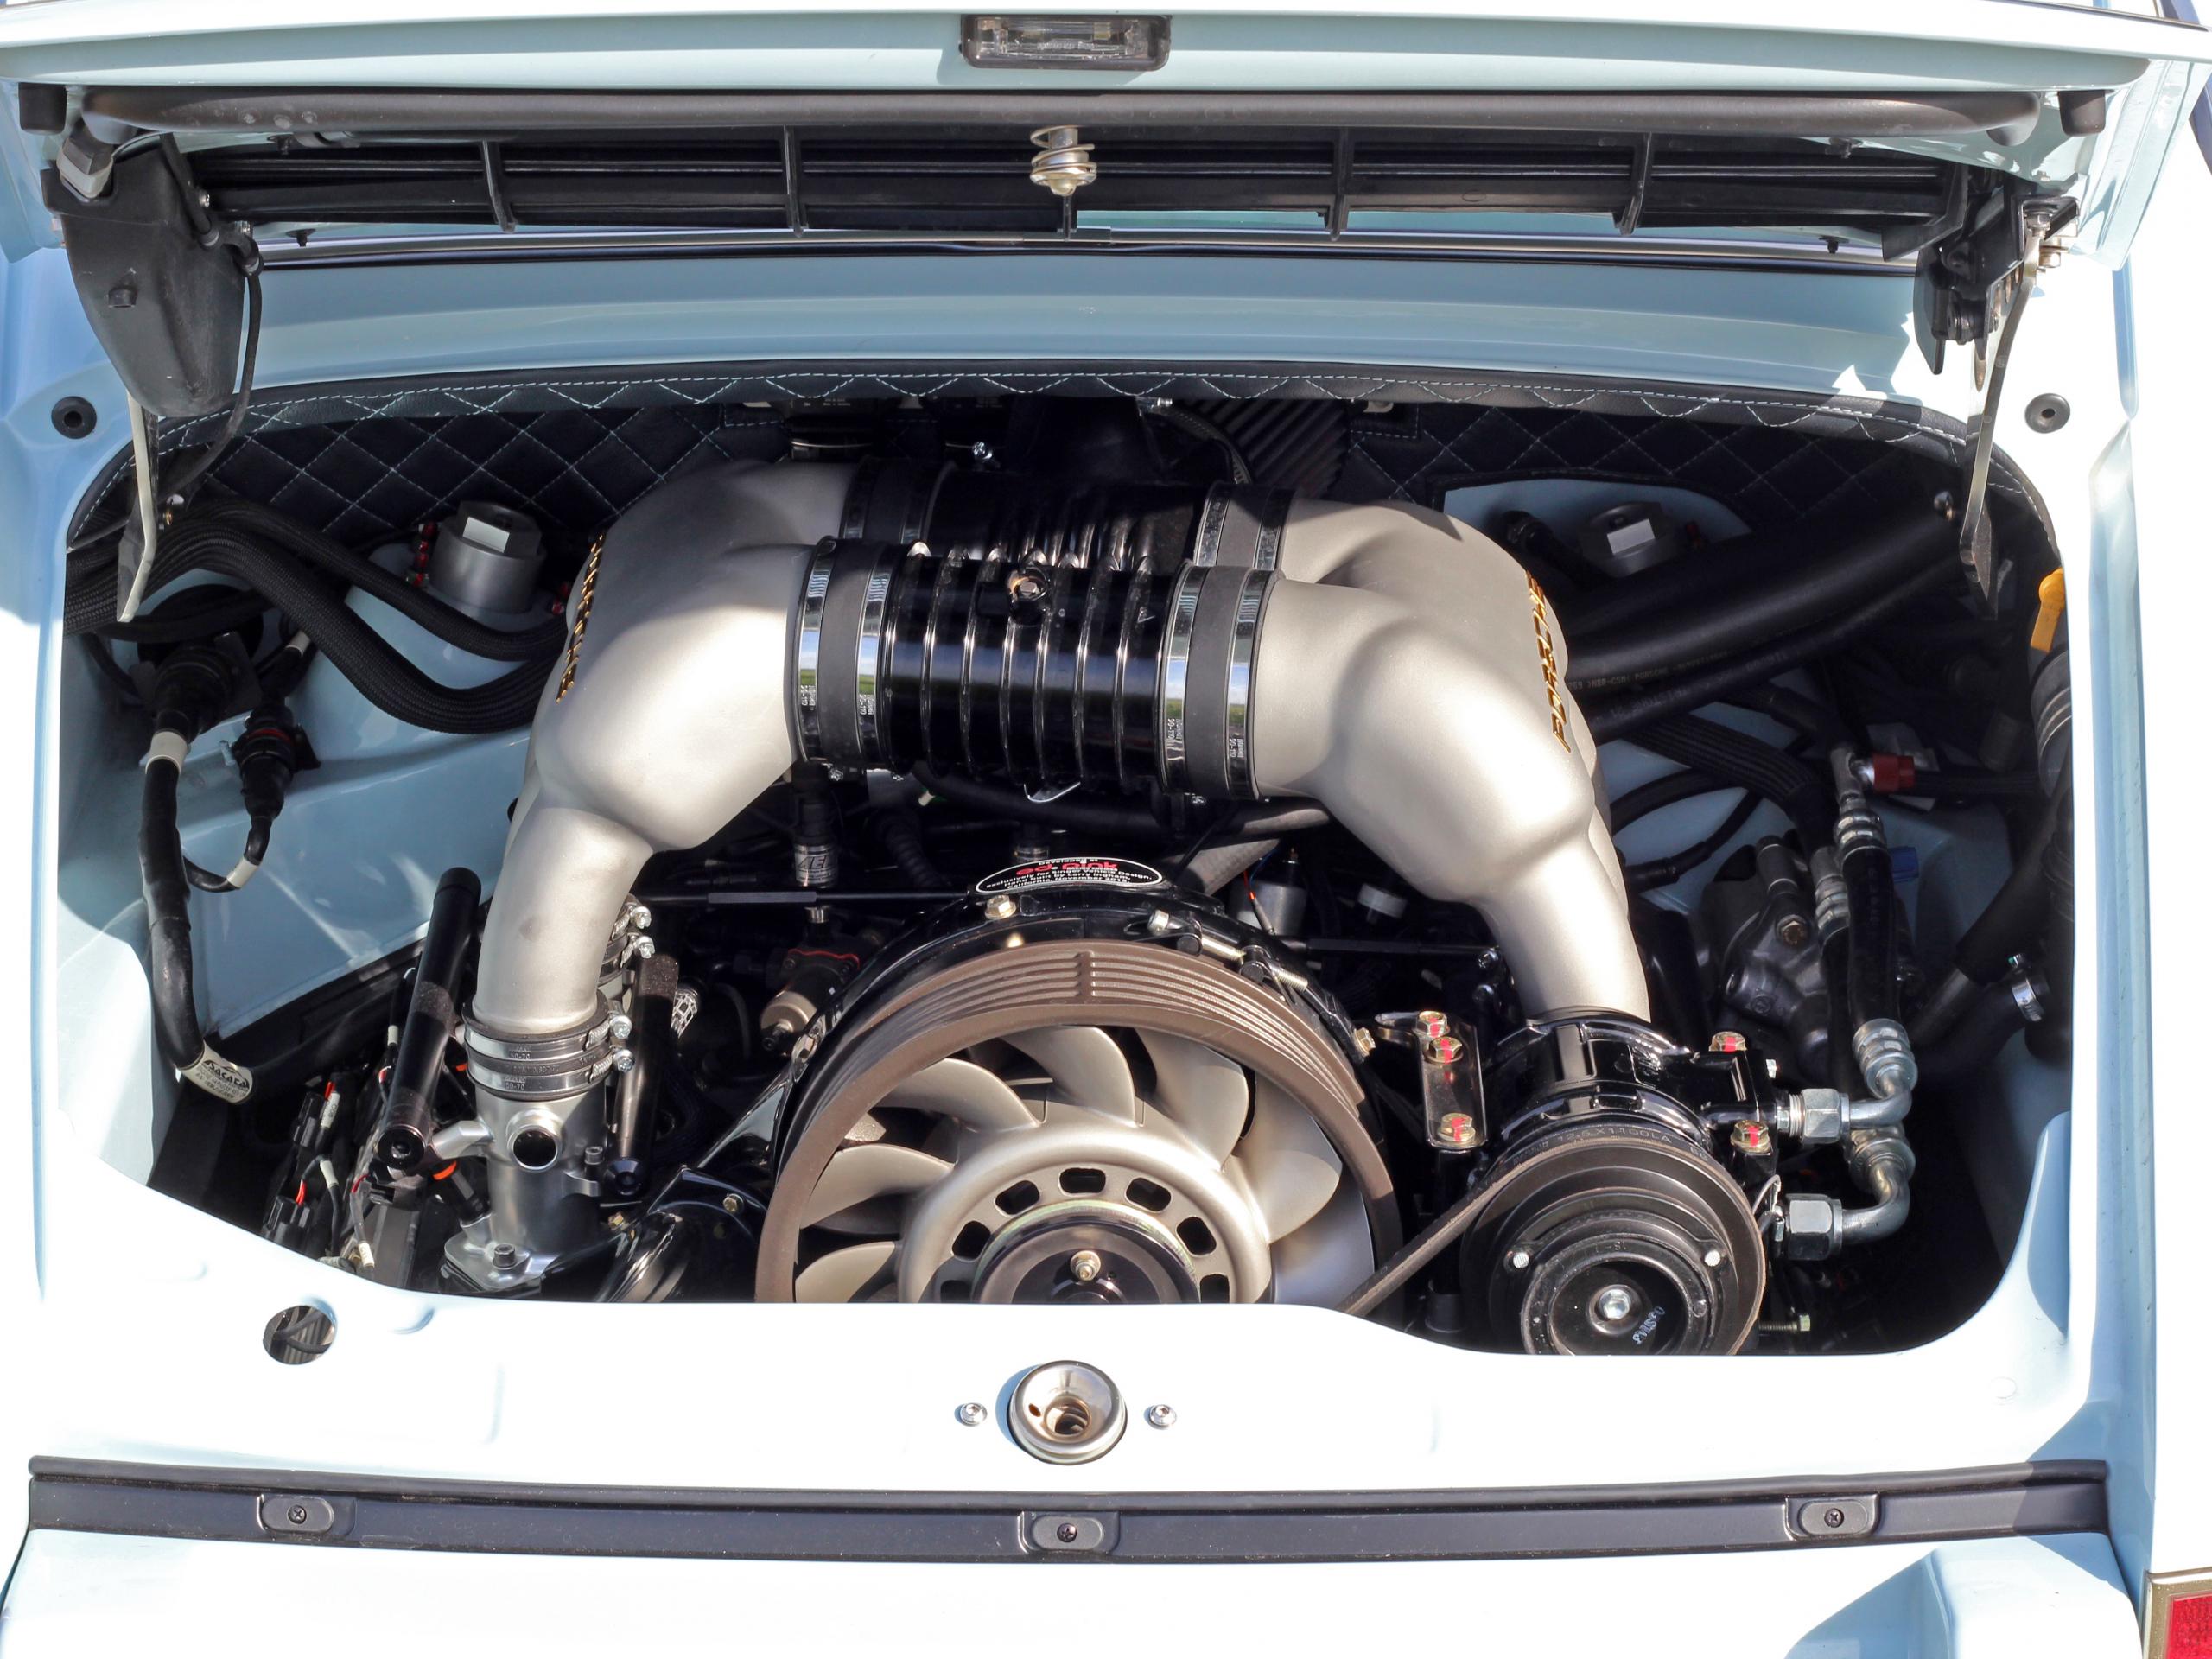 Porsche 911 by Singer Dorset engine